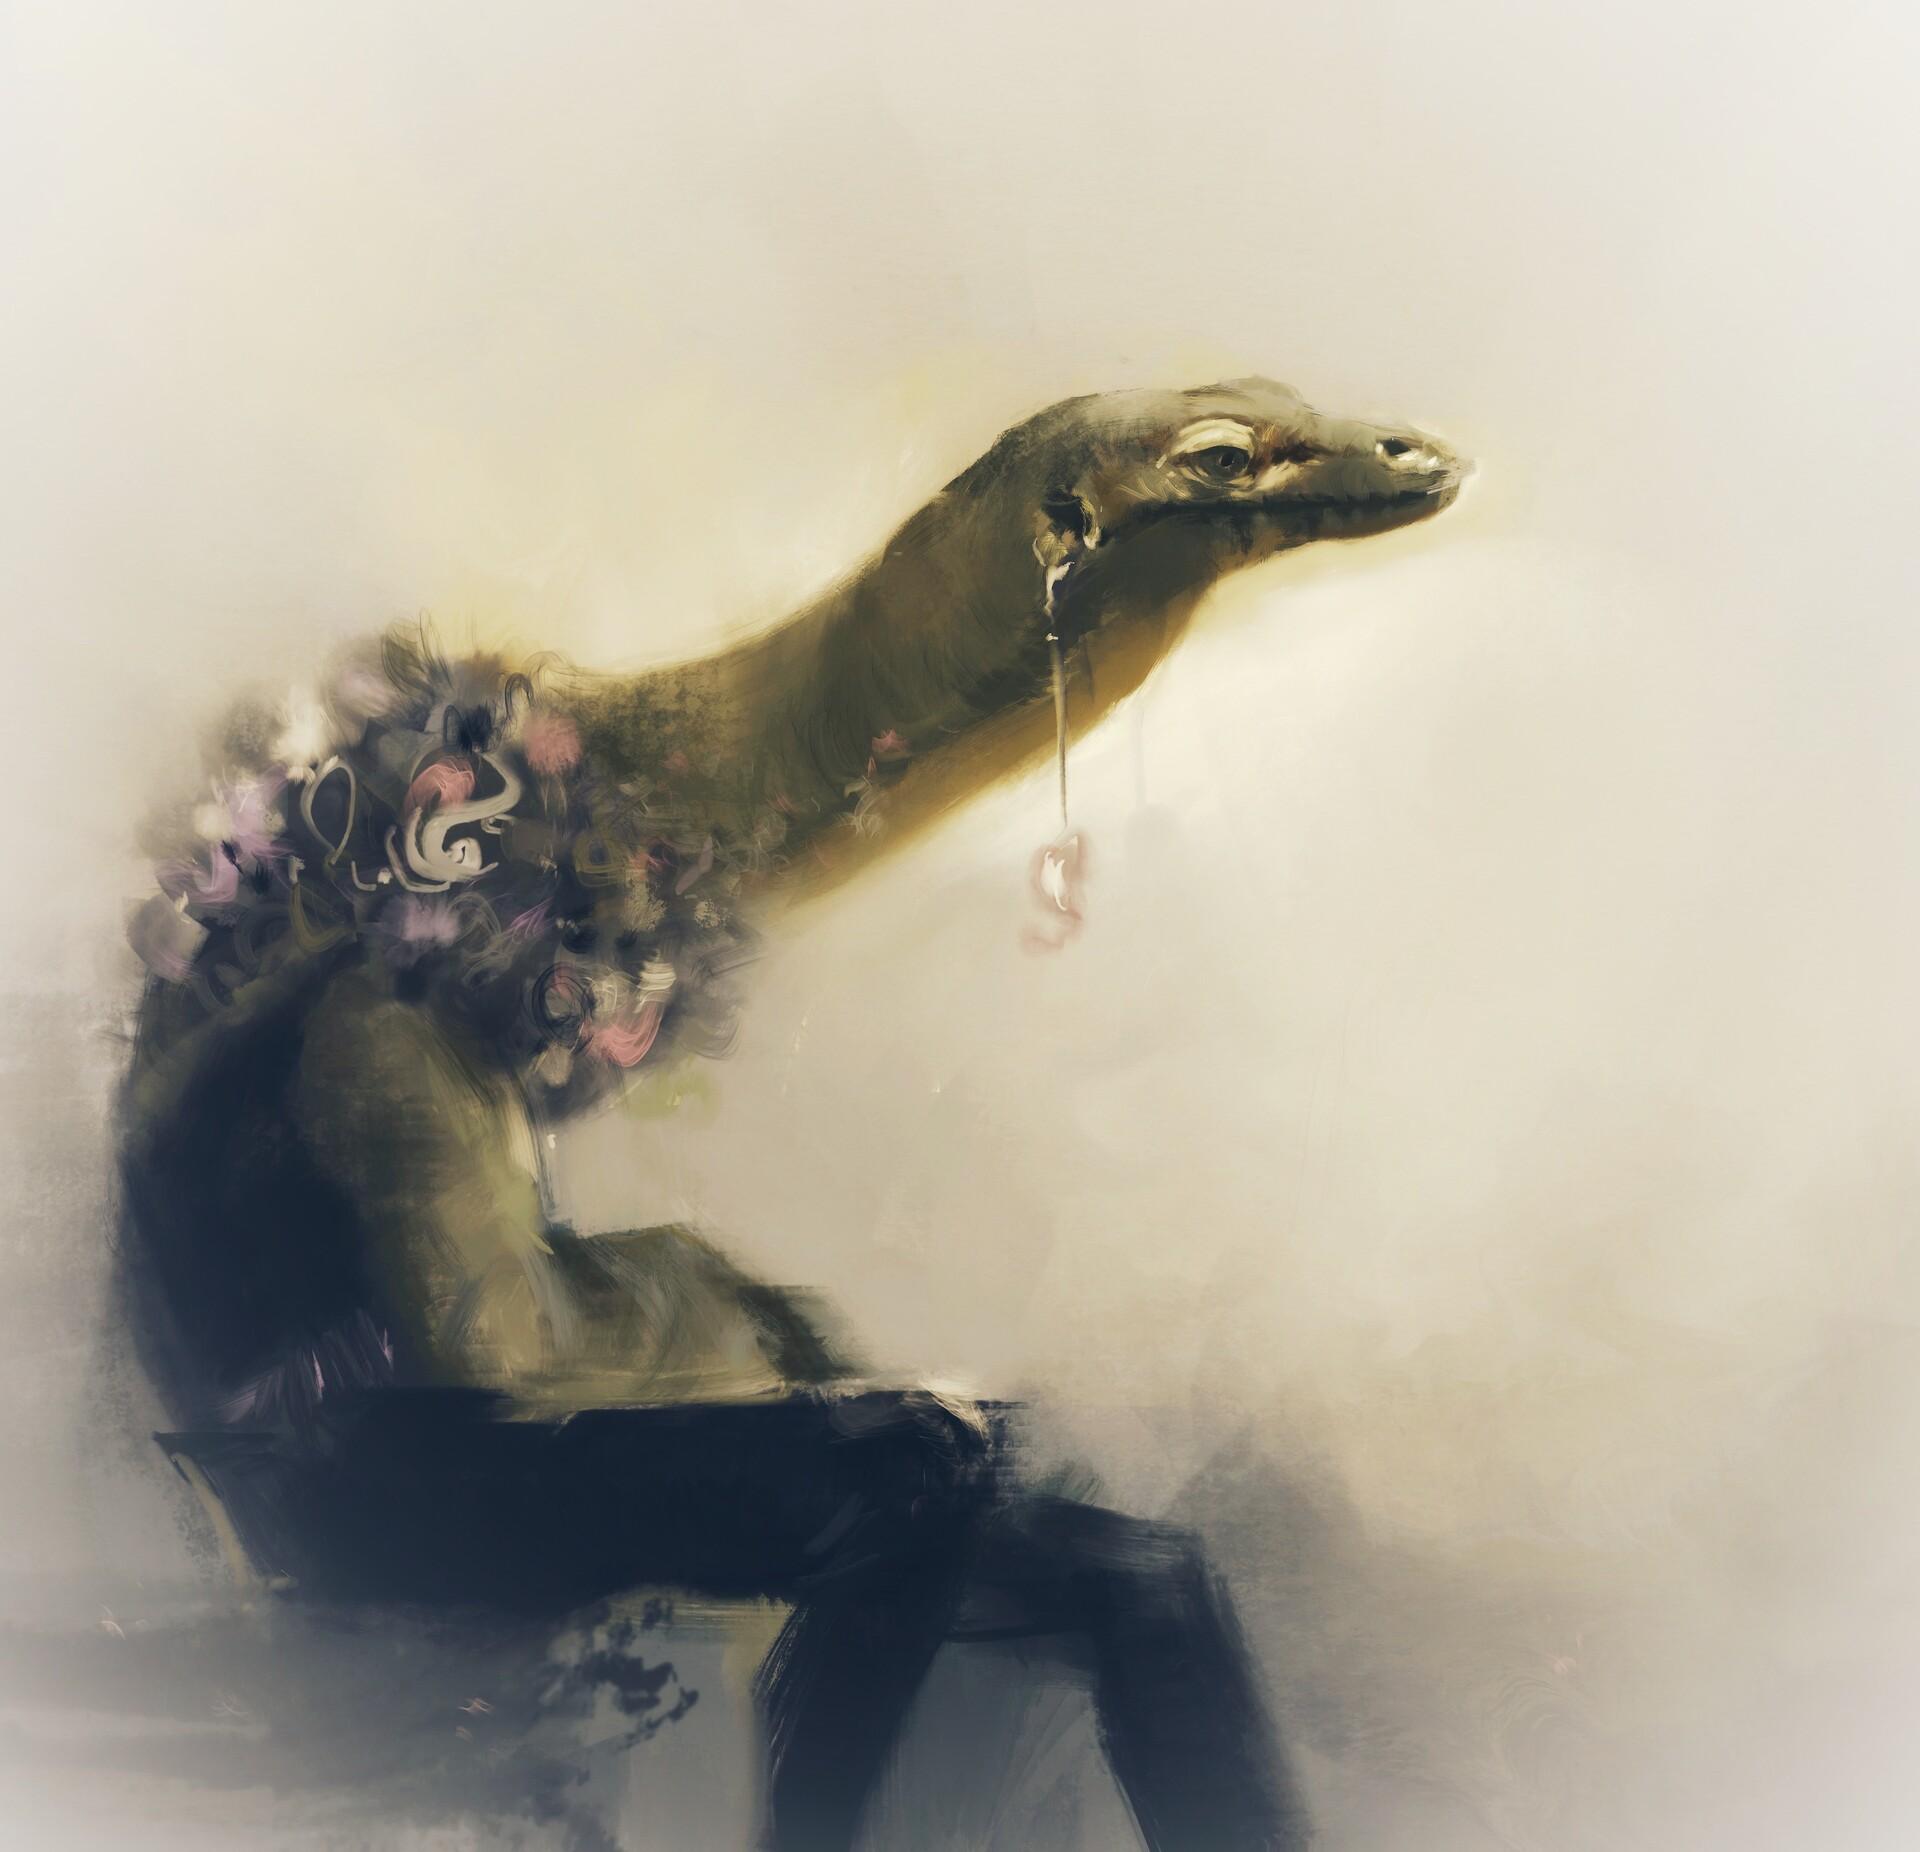 arash-razavi-lizard3-01